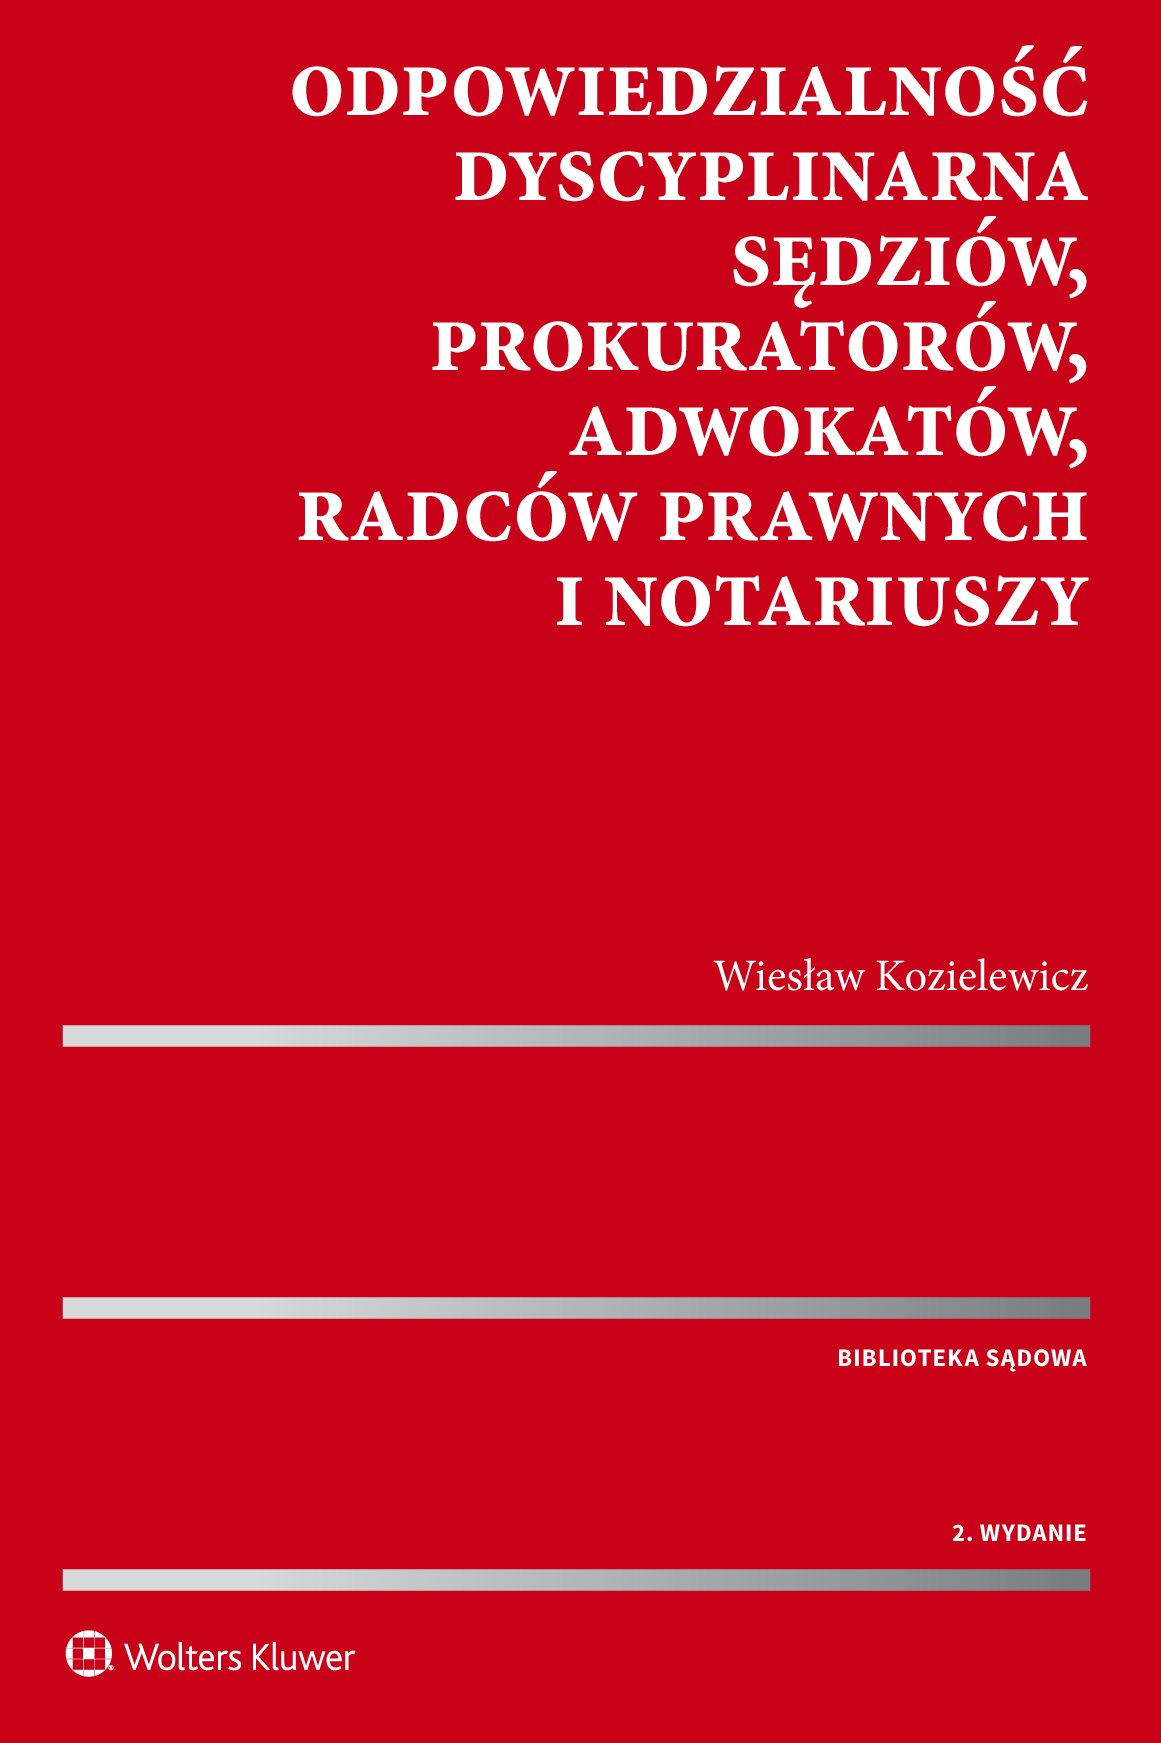 Odpowiedzialność dyscyplinarna sędziów, prokuratorów, adwokatów, radców prawnych i notariuszy - Ebook (Książka PDF) do pobrania w formacie PDF